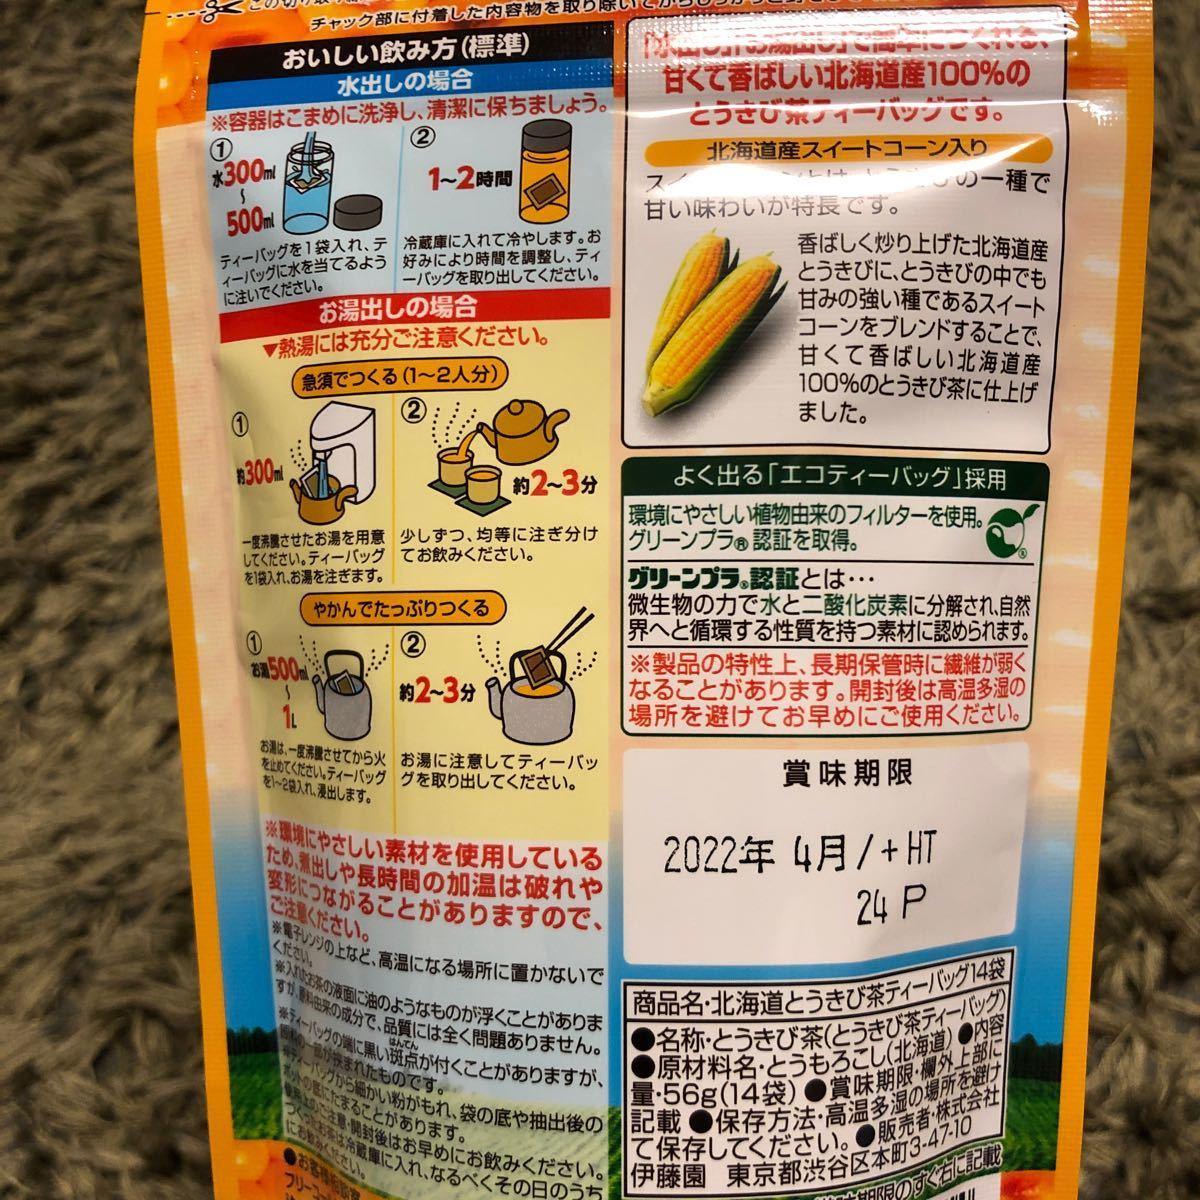 伊藤園 北海道限定  北海道とうきび茶 ティーバック3個セット ノンカフェイン